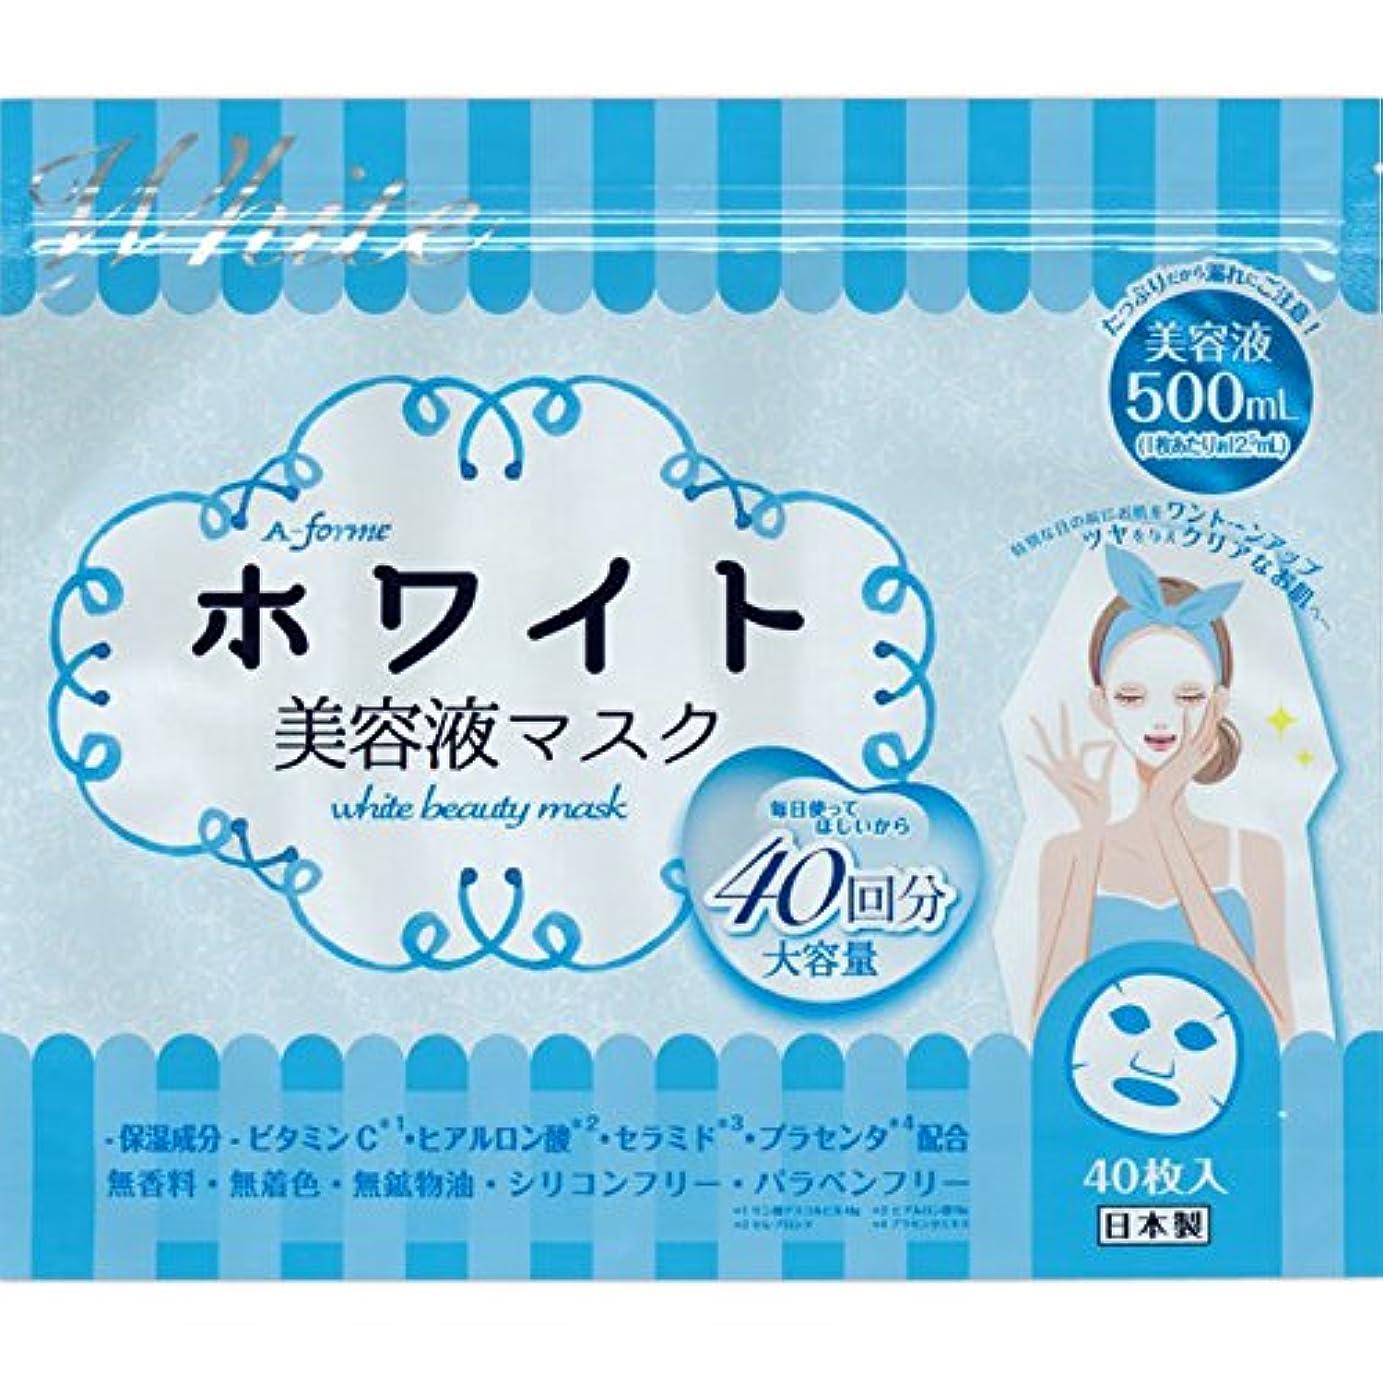 評判ロビー電化するエーフォルム ホワイト美容液マスク40枚×7